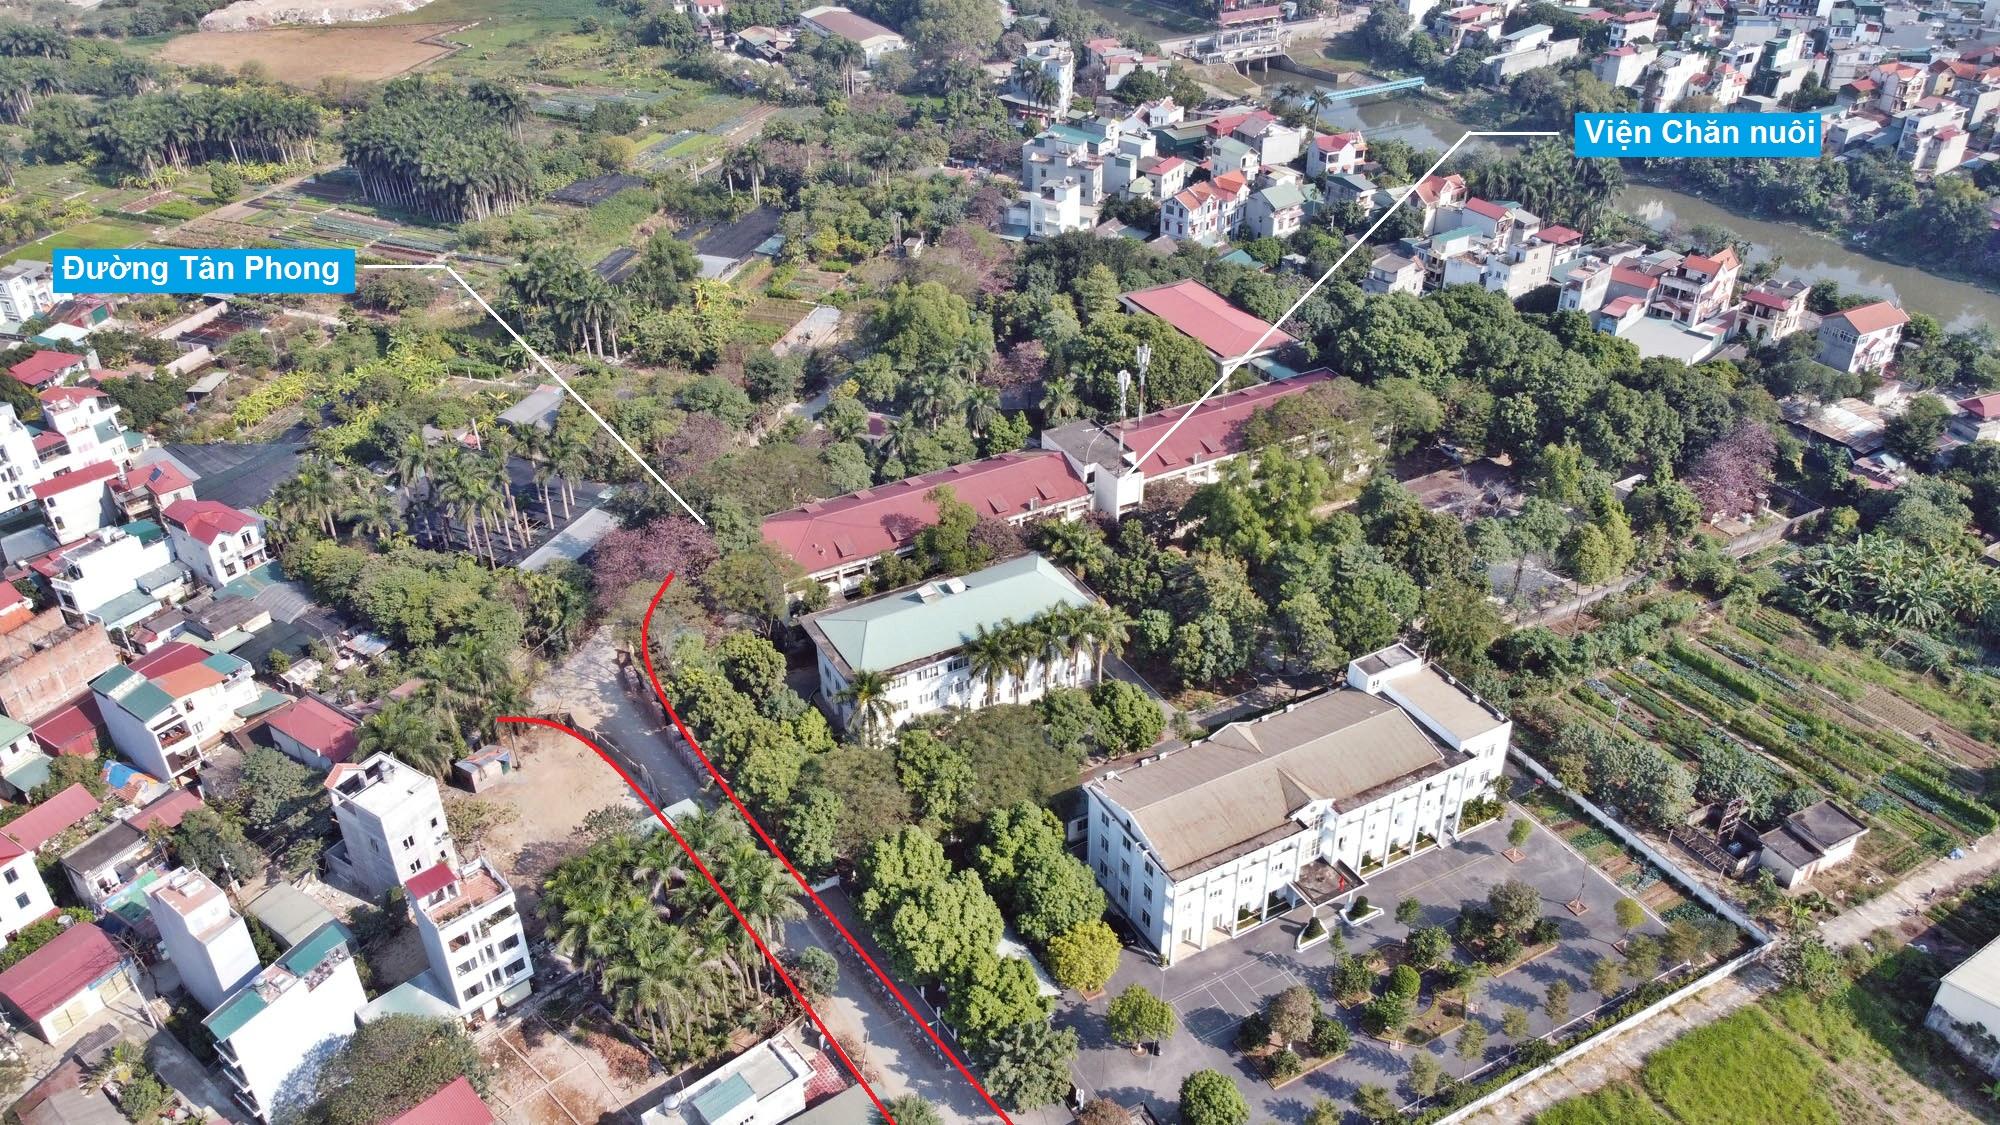 Ba đường sẽ mở theo quy hoạch ở phường Thụy Phương, Bắc Từ Liêm, Hà Nội (phần 3) - Ảnh 3.